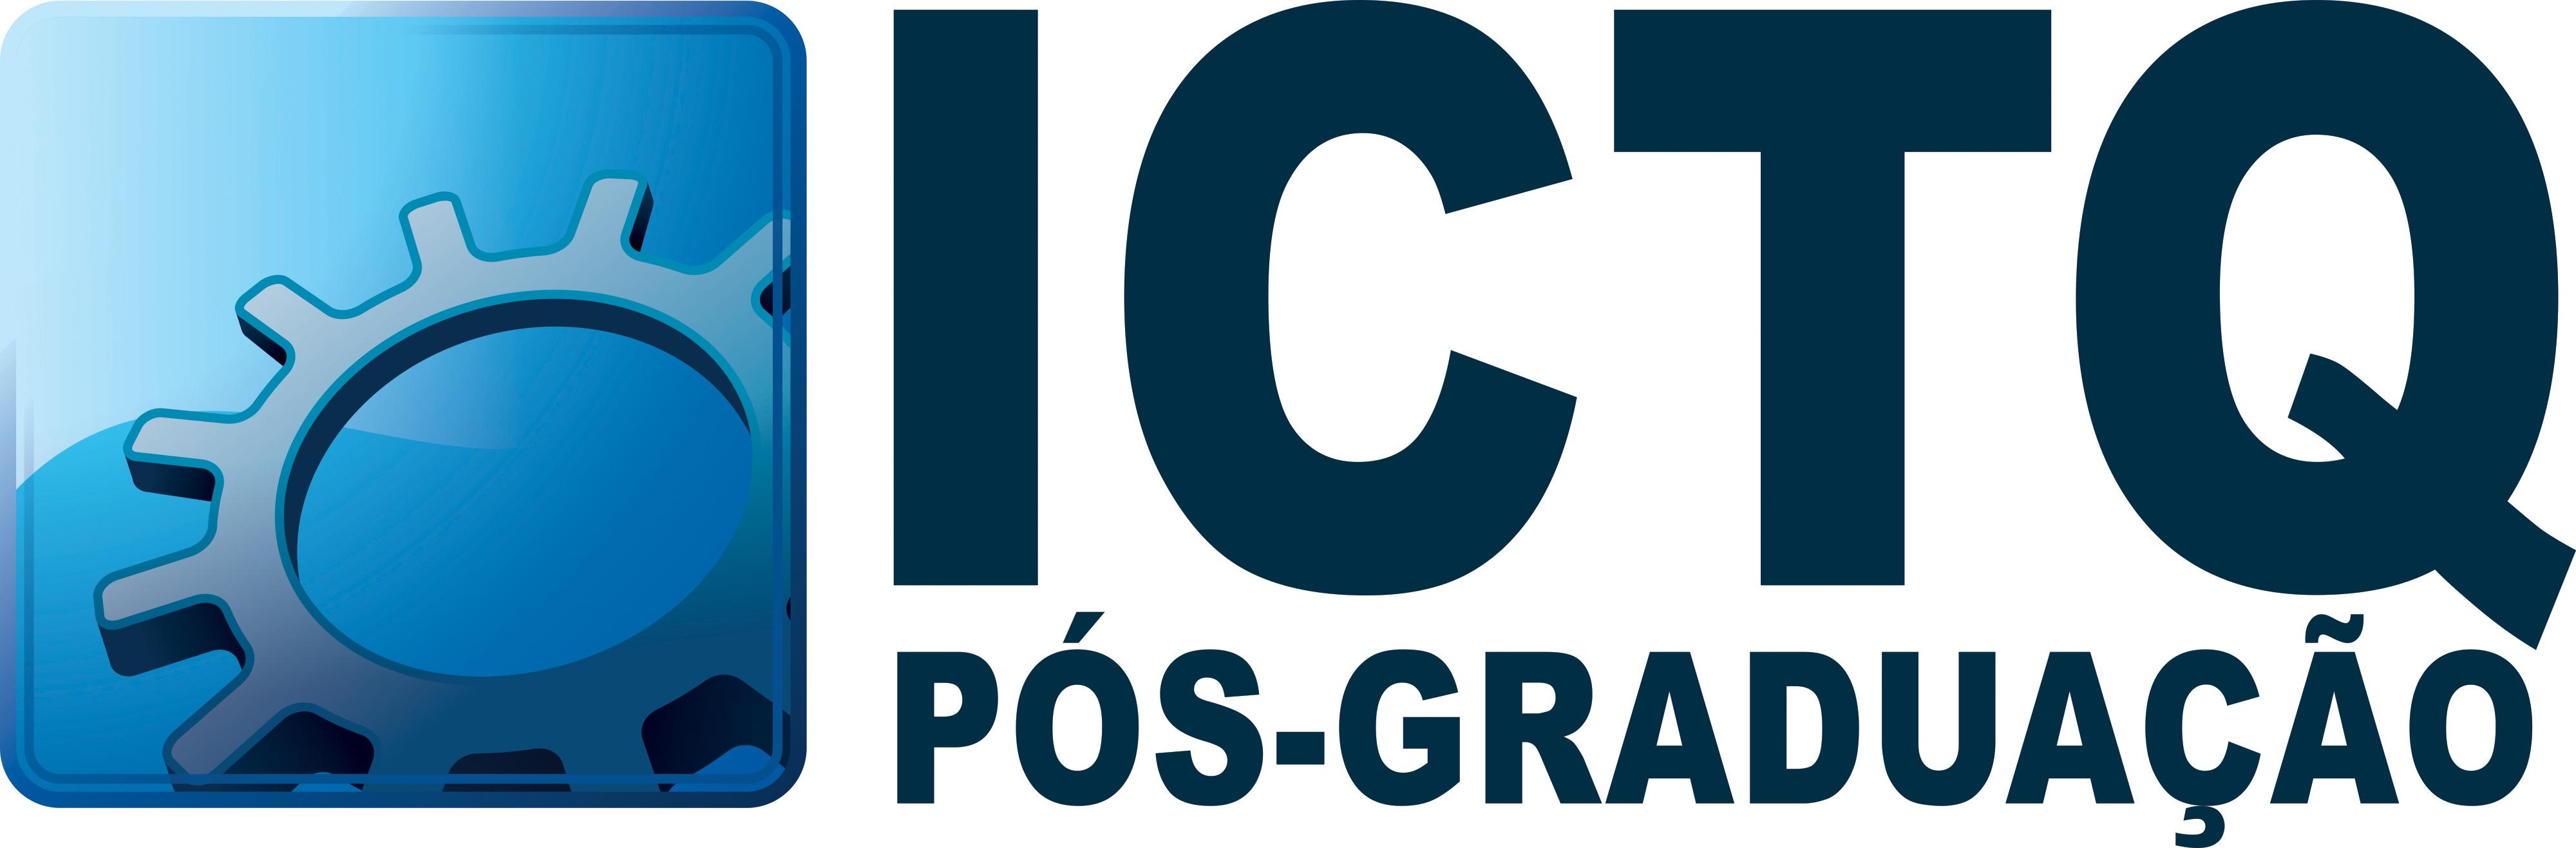 ICTQ - Instituto de Ciência, Tecnologia e Qualidade